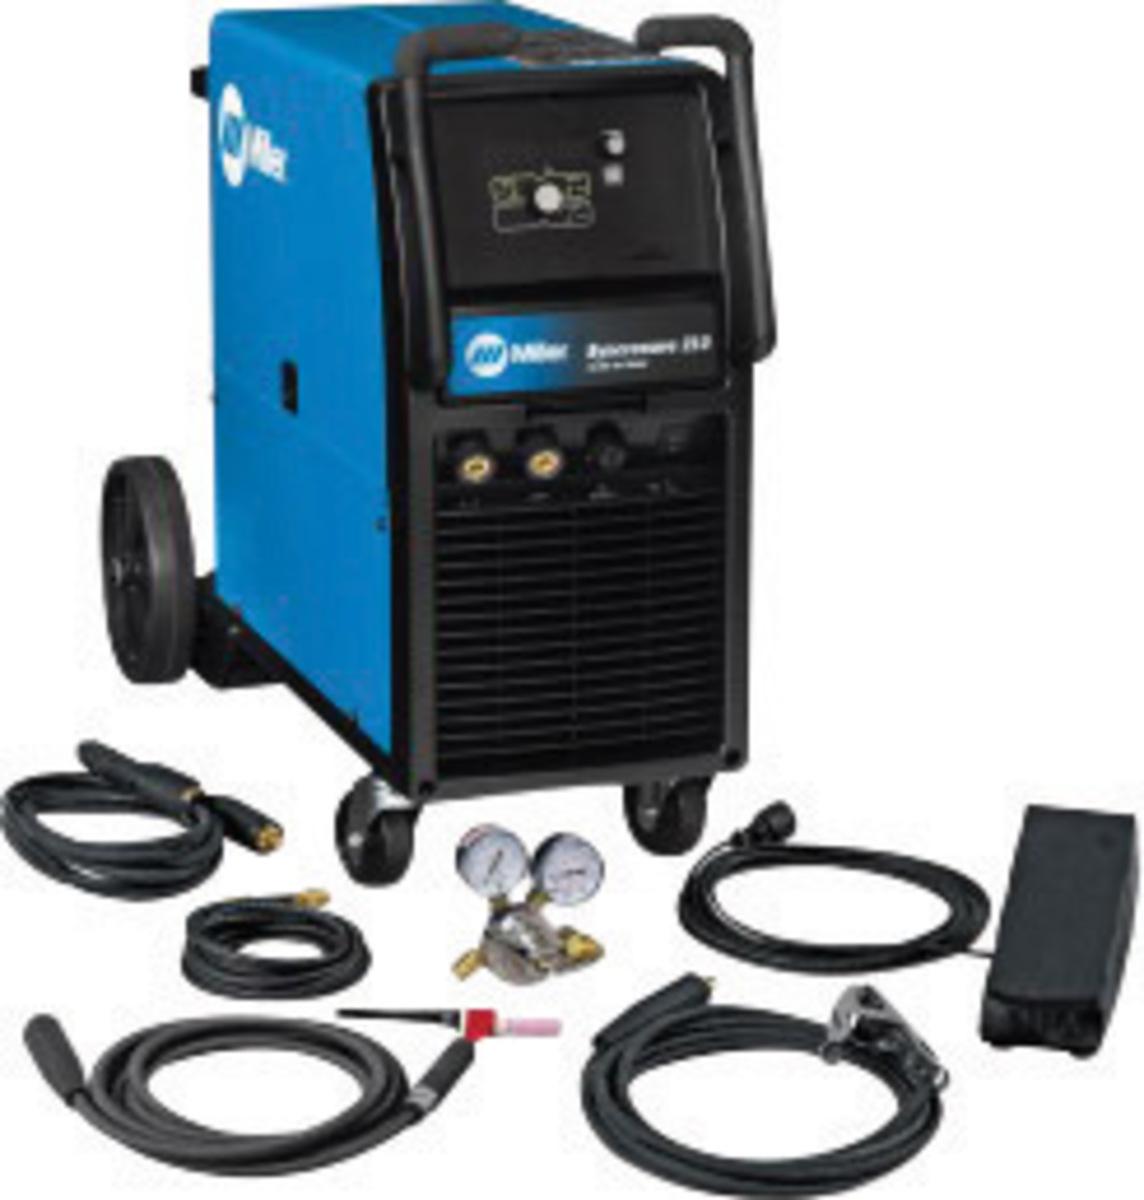 mil miller reg syncrowave reg auto line tig welder millerreg syncrowavereg 210 auto line tig welder 115 230 volt